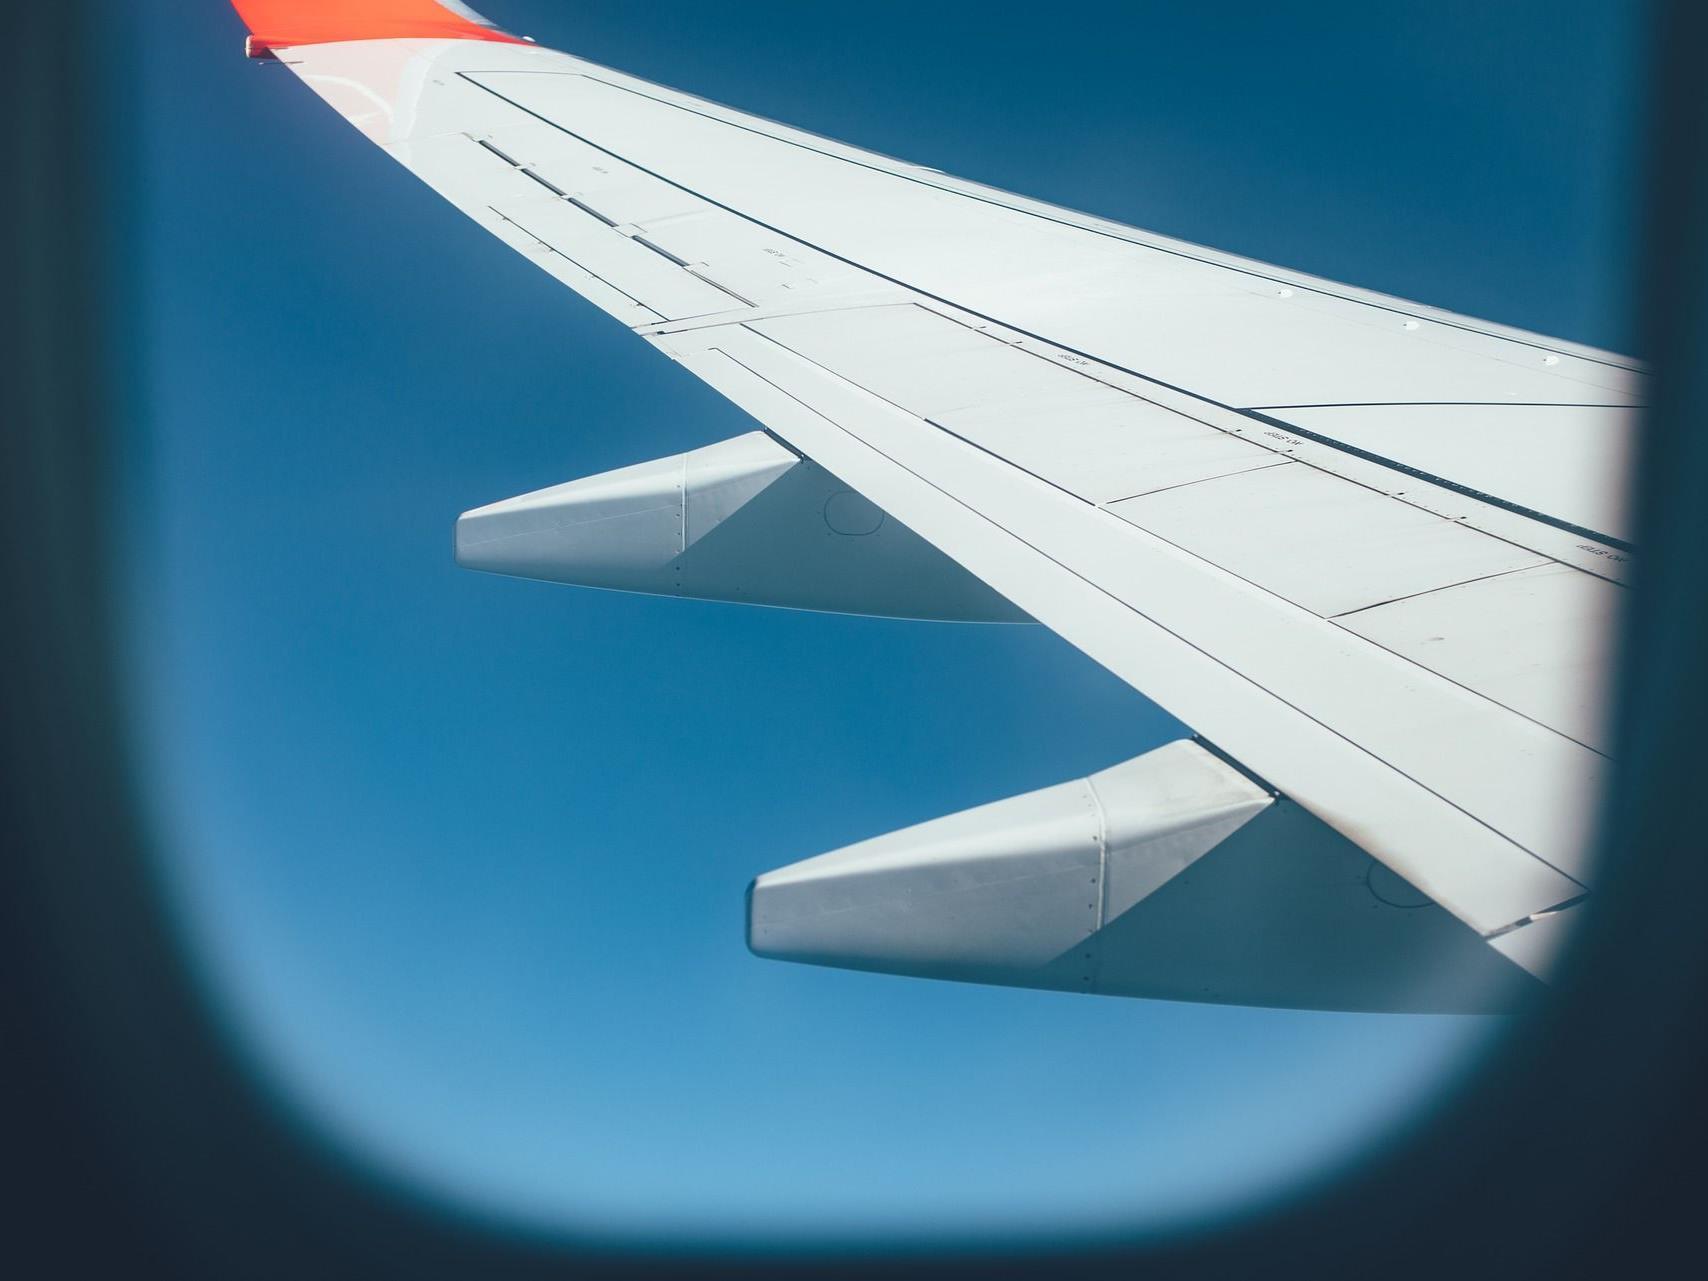 Aus Sicherheitsgründen sind Flugzeugfenster nie eckig.